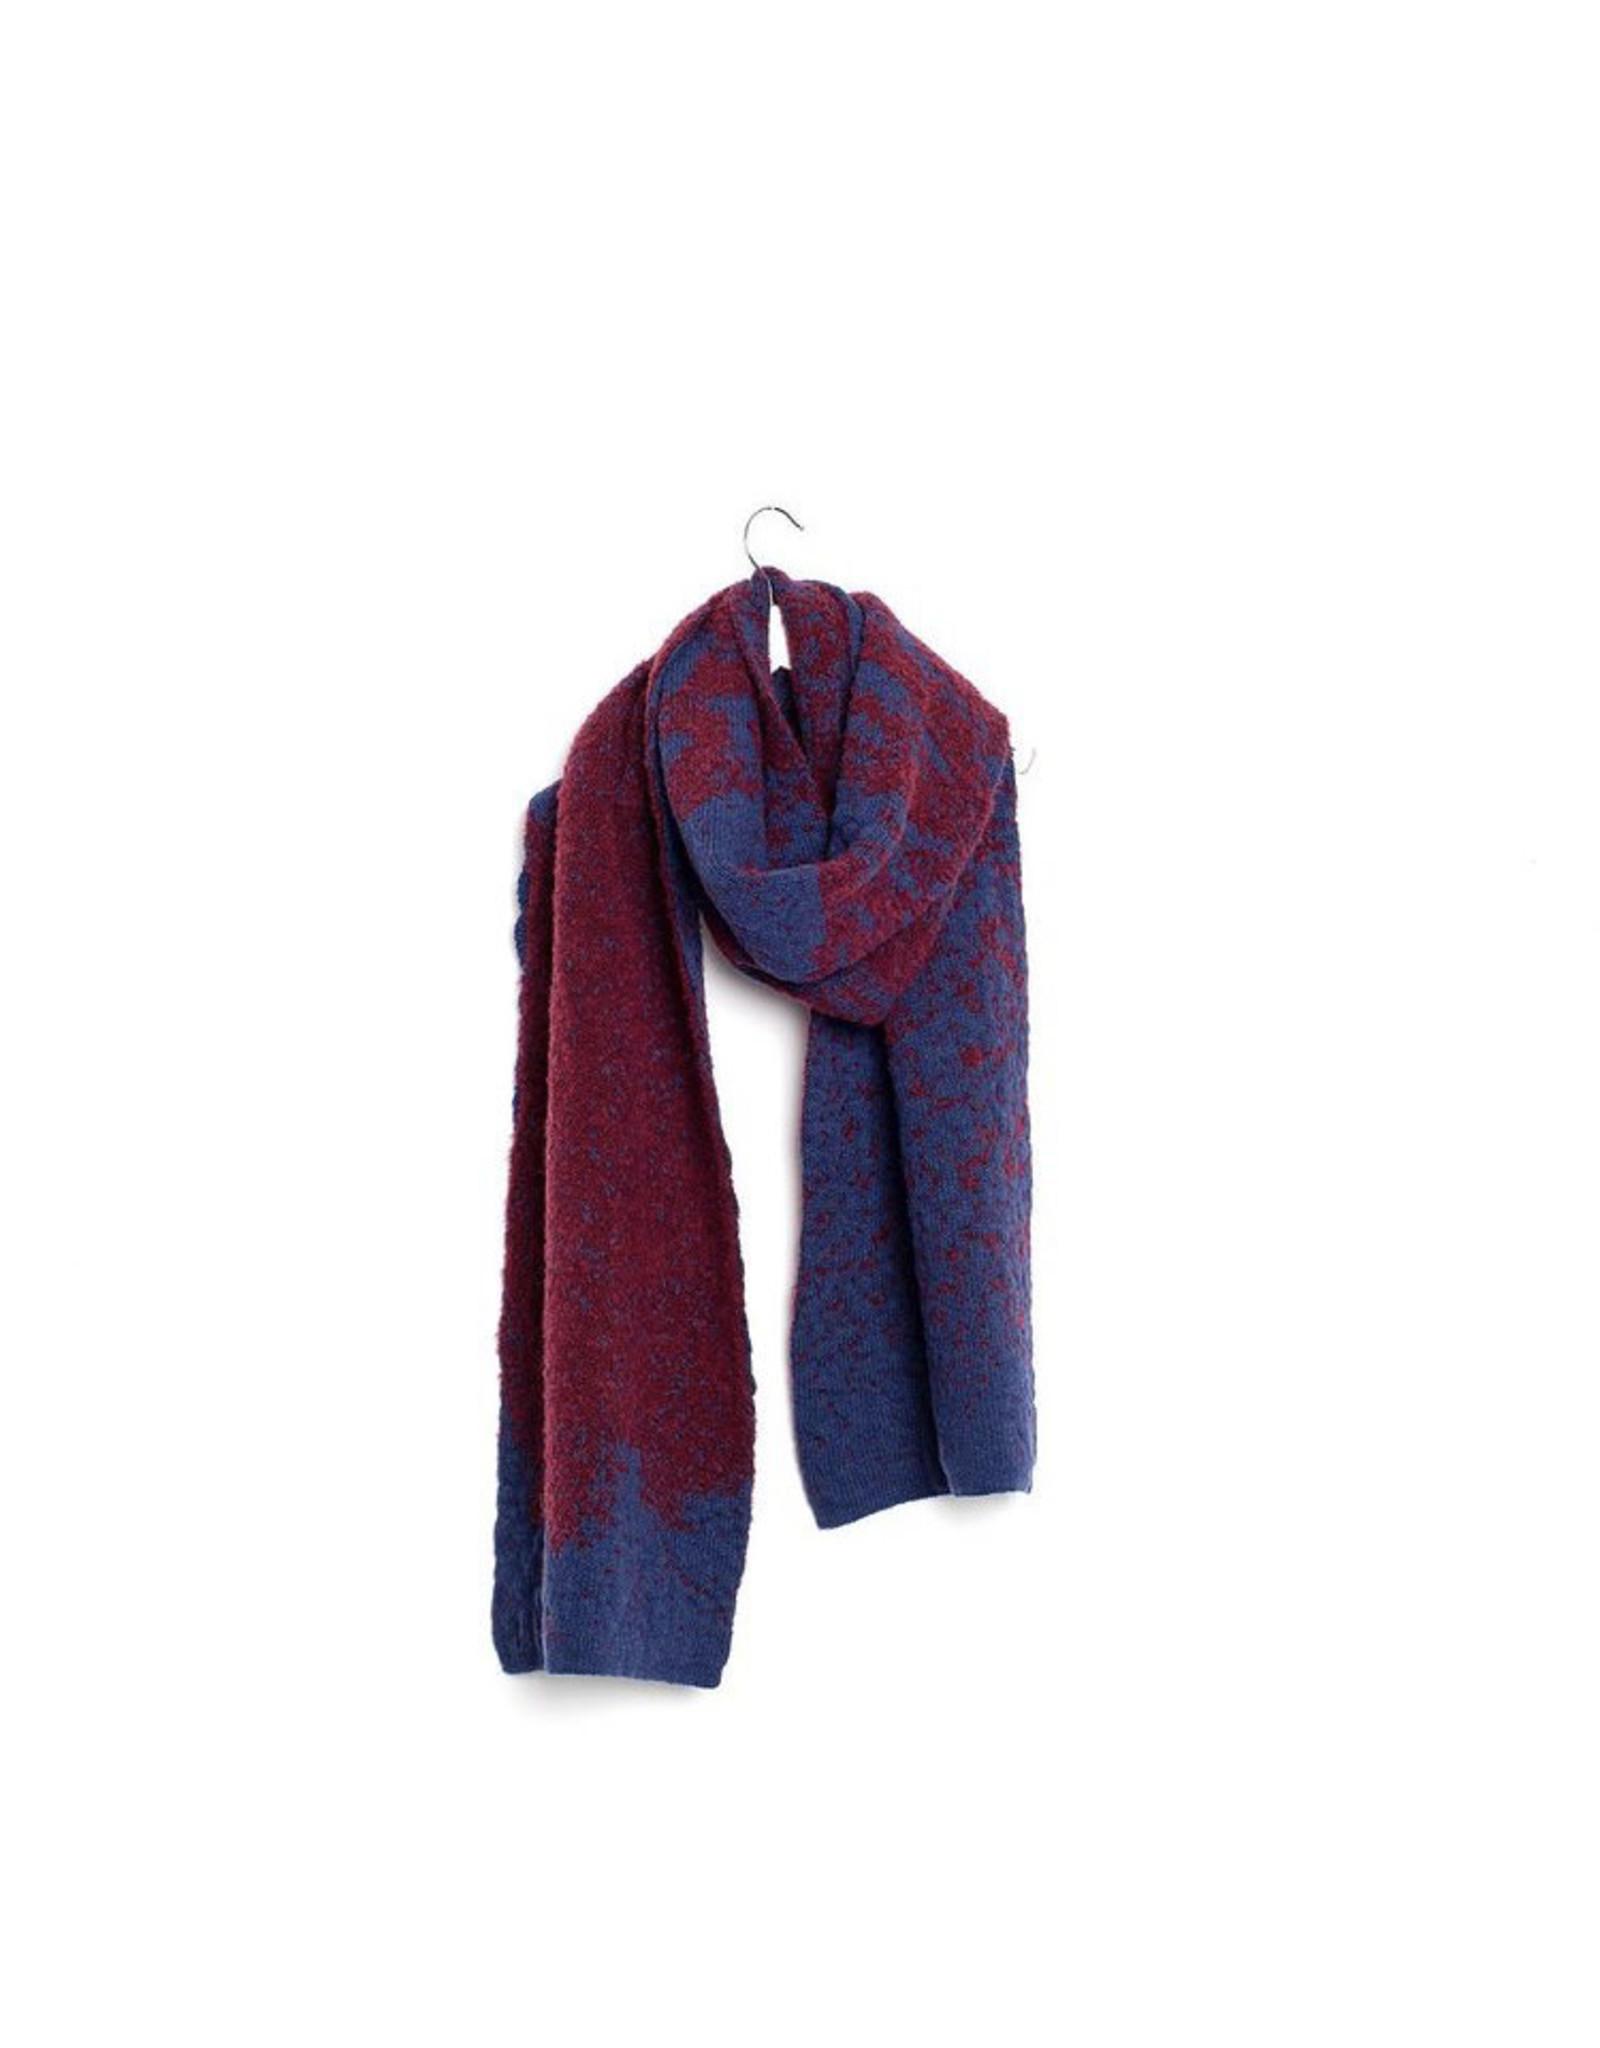 Wolvis Wolvis AW19 - Aubergine & Donkerblauw   - 220cm x 40 - 100% Merino Wool - 100% made in Belgium